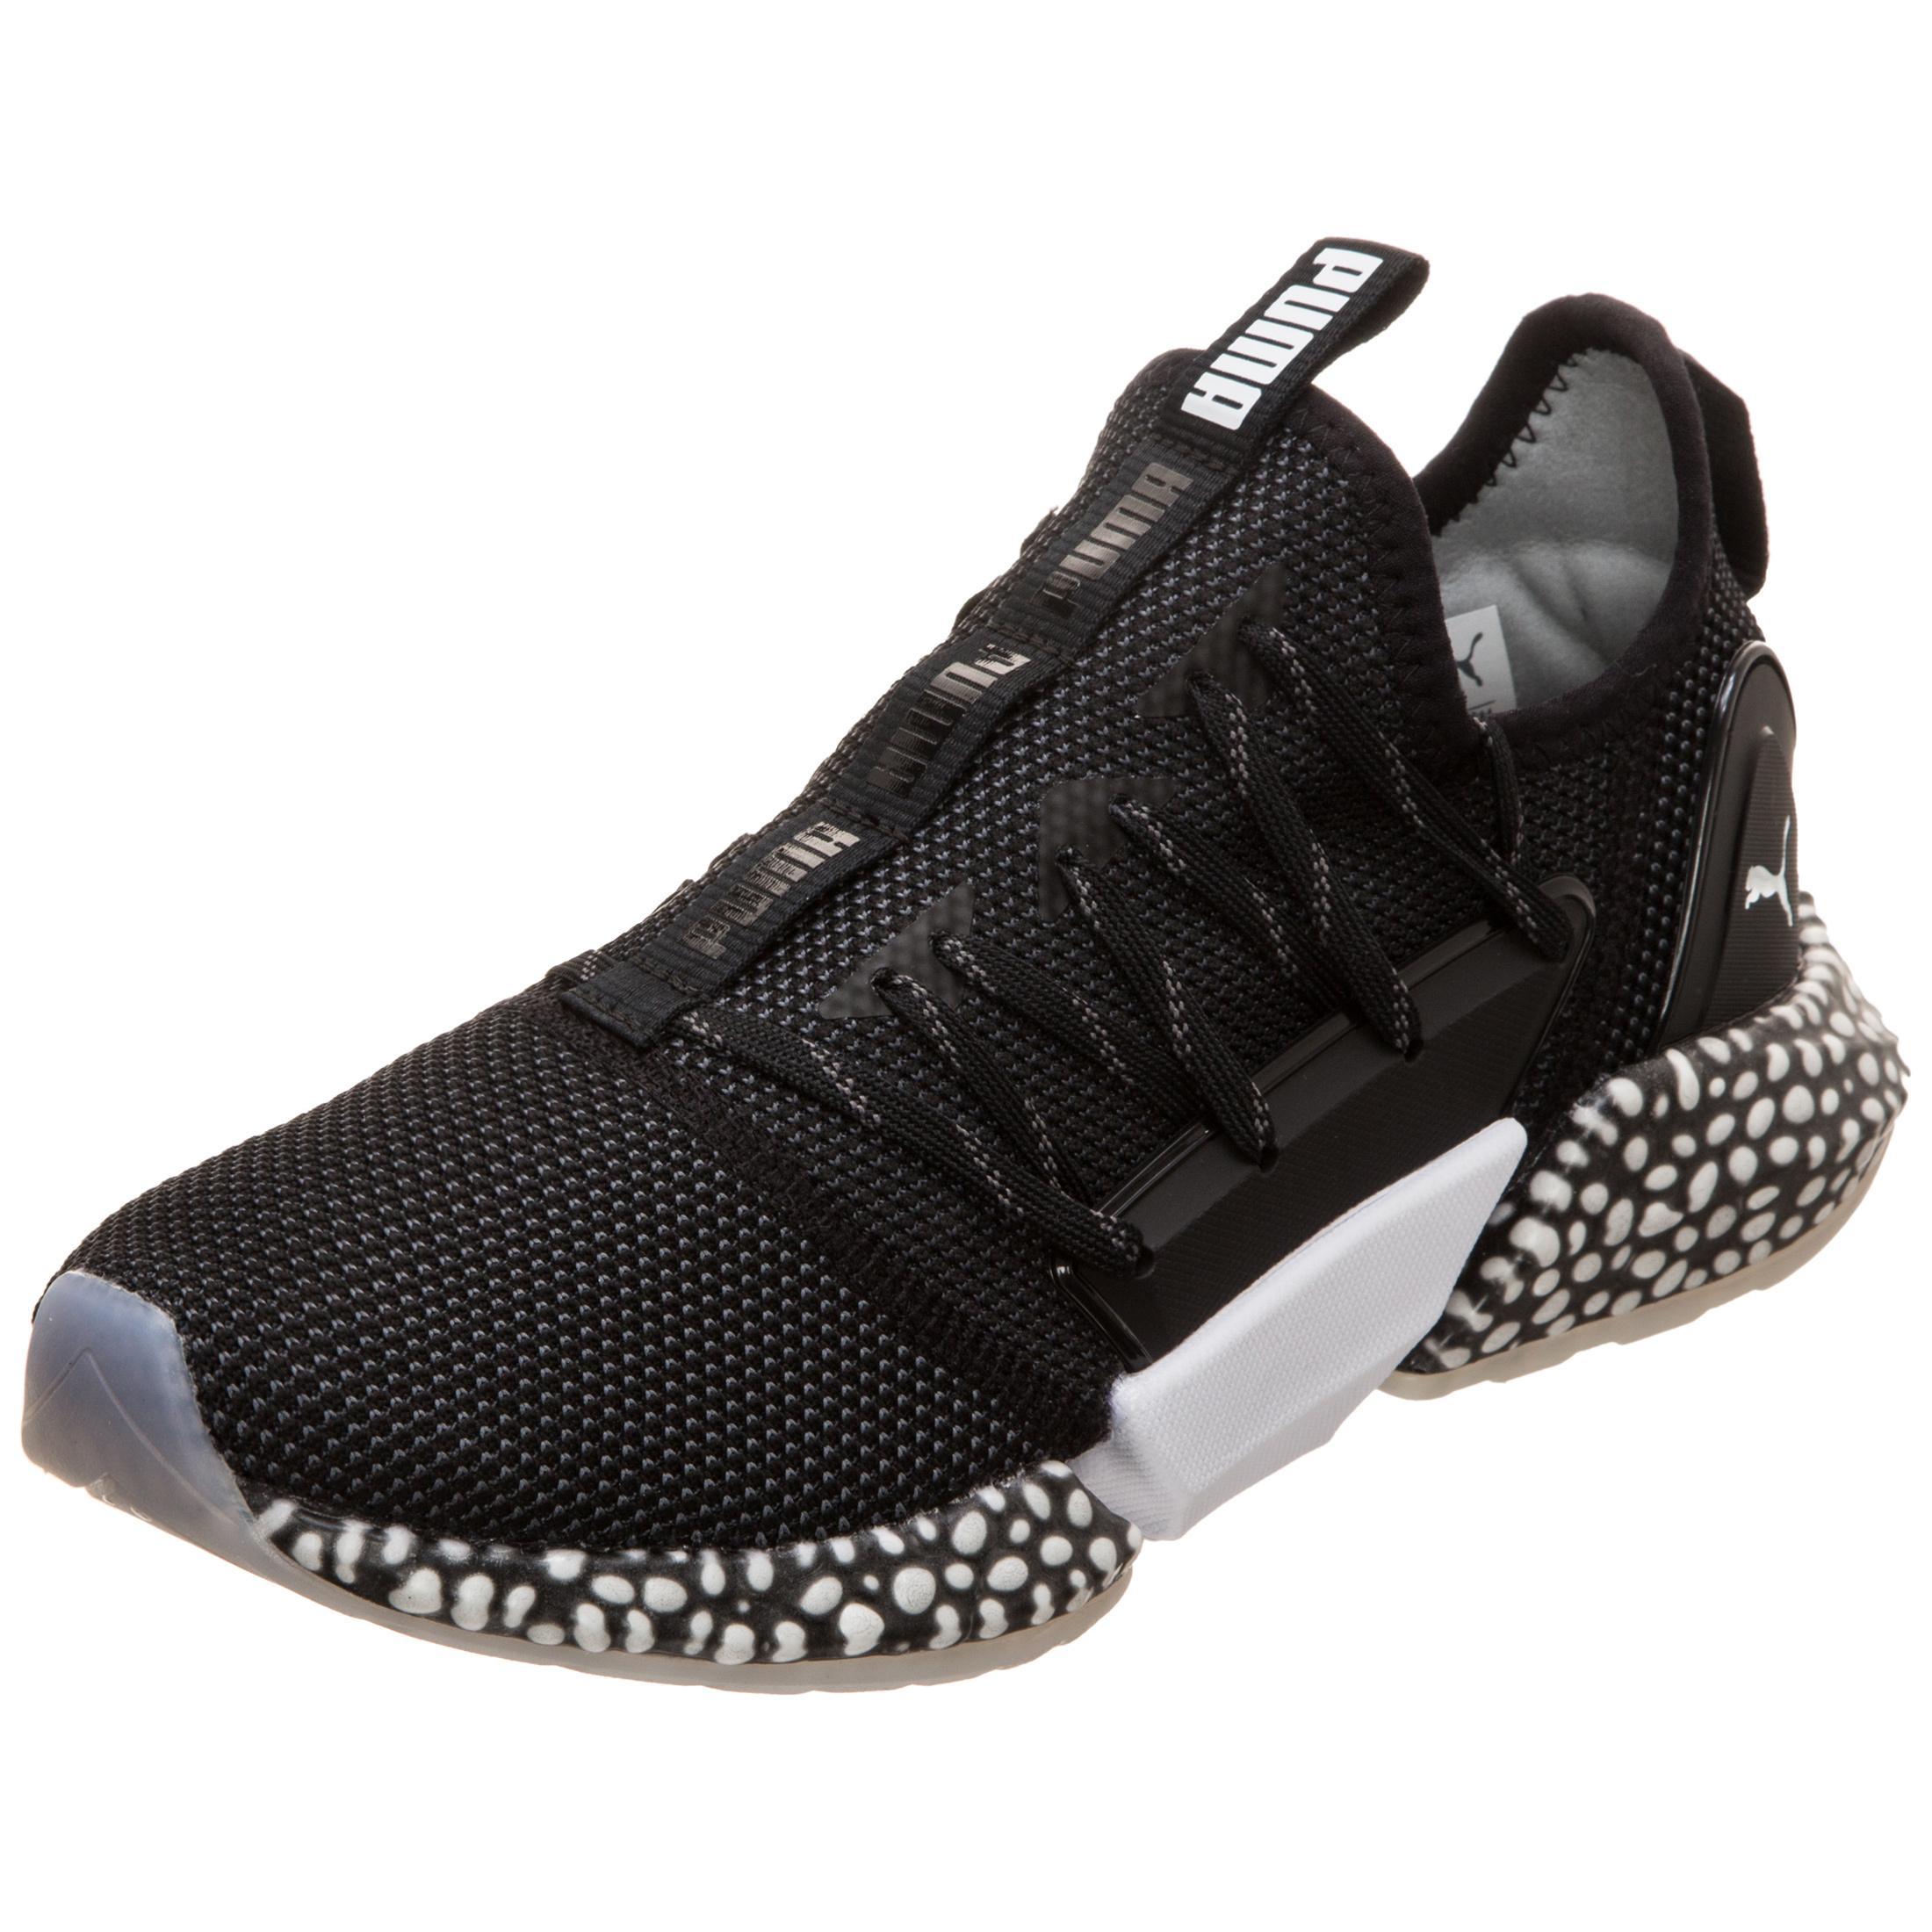 PUMA Hybrid Rocket Runner Laufschuhe Damen schwarz / weiß im Online Shop  von SportScheck kaufen